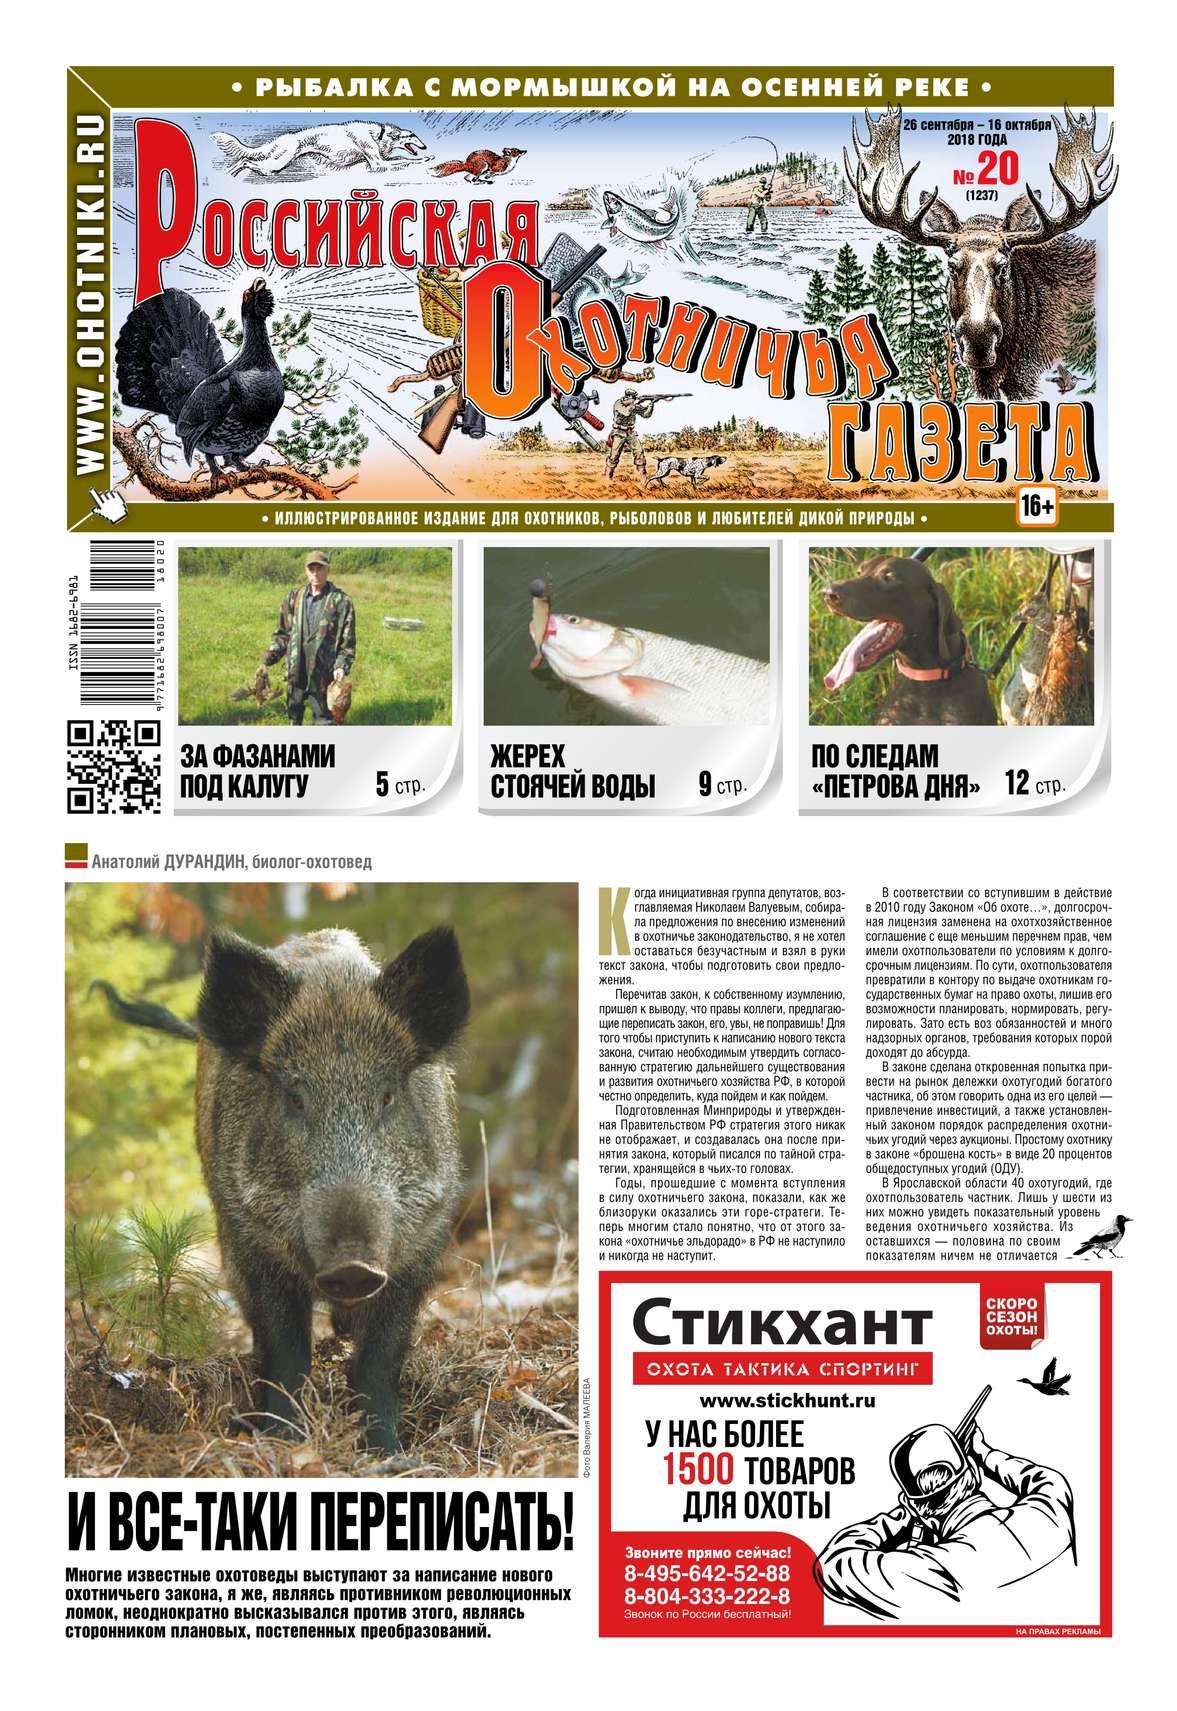 Редакция газеты Российская Охотничья Газета Российская Охотничья Газета 20-2018 цены